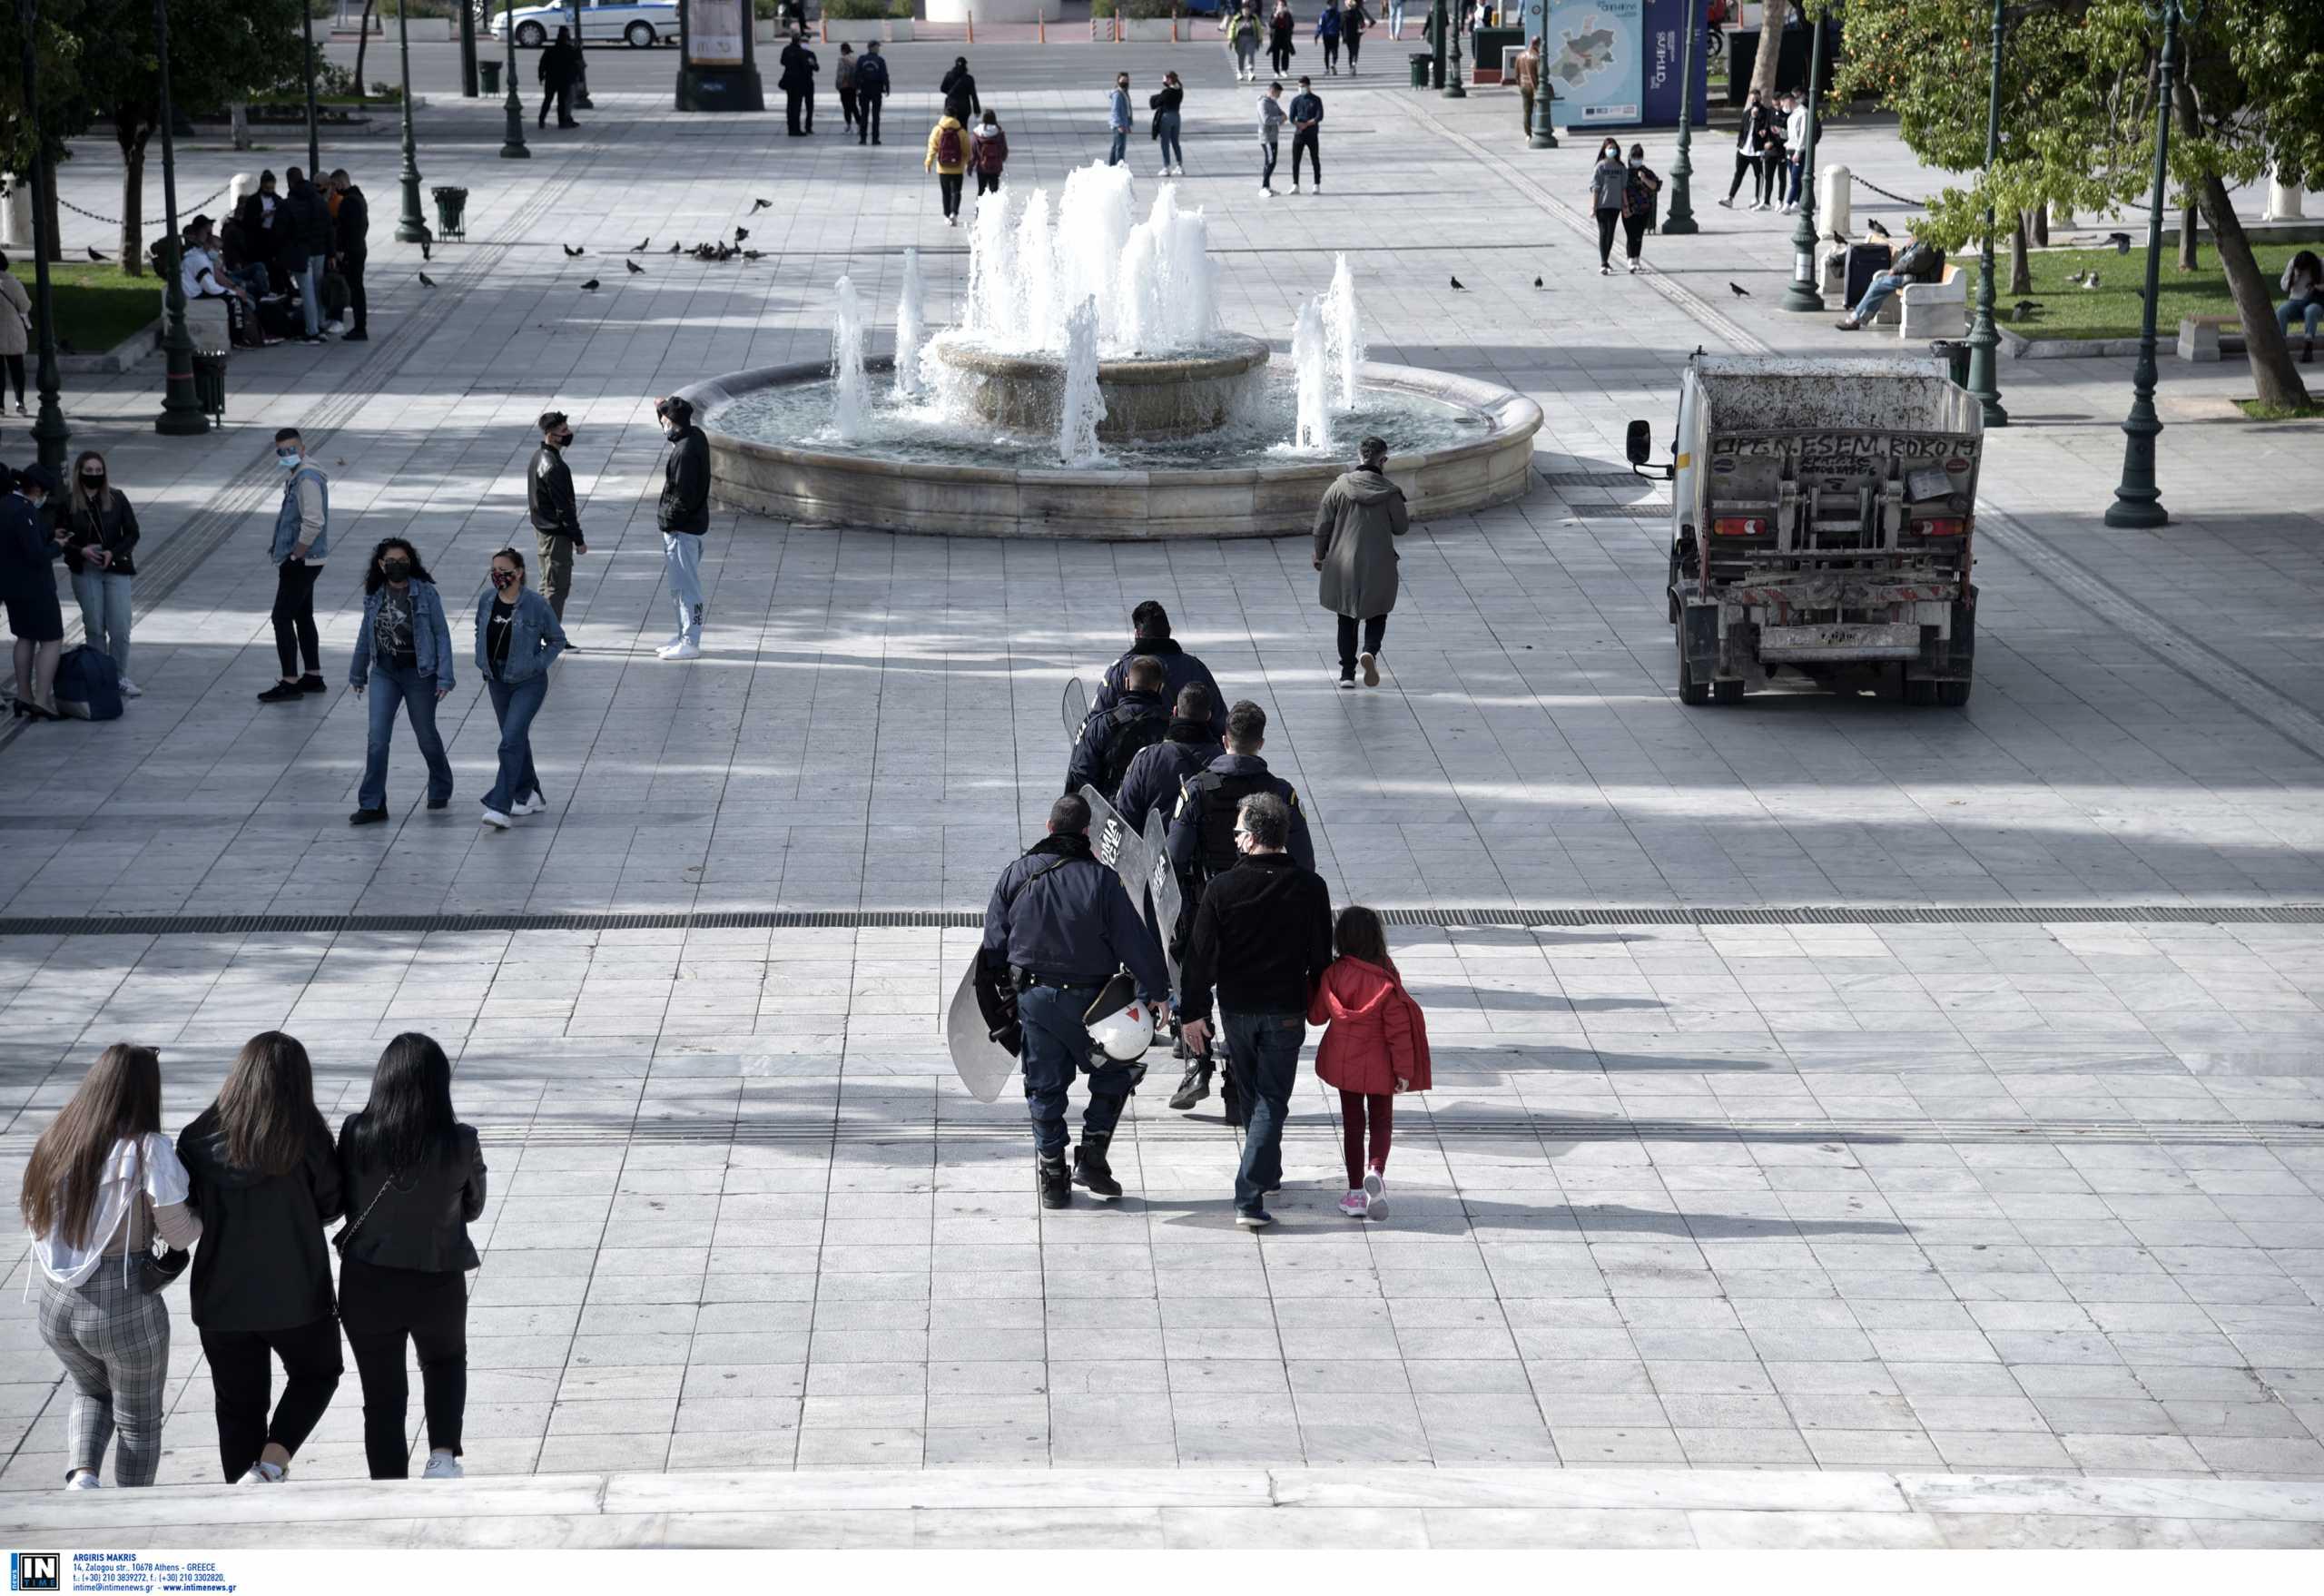 Παράταση lockdown: Η Αττική οδήγησε σε... μονόδρομο την ειδική επιτροπή - Η ελπίδα της 15ης Μαρτίου